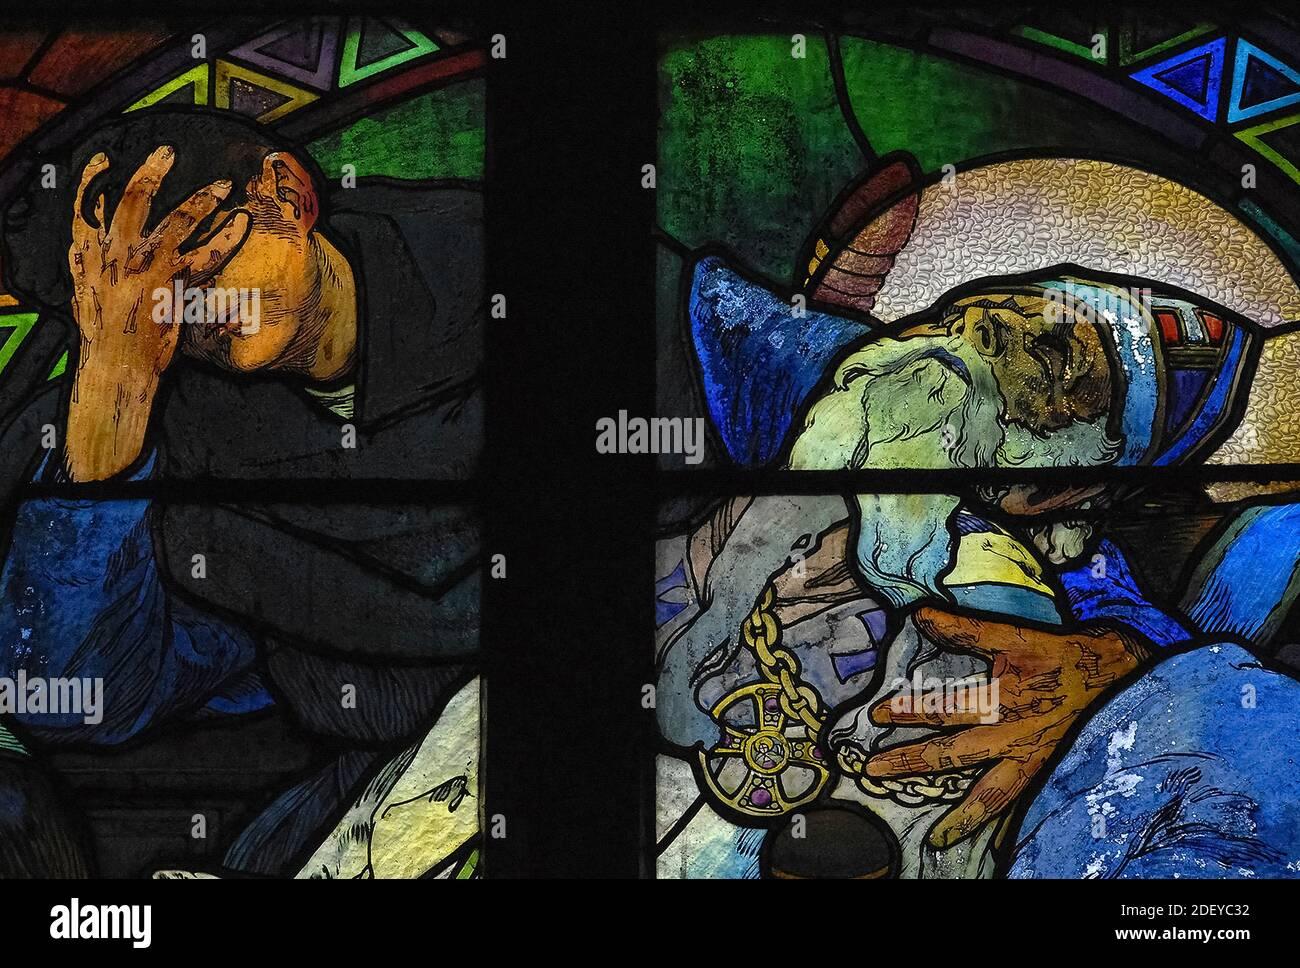 El luto penoso cubre los ojos mientras coloca el reconfortante brazo alrededor de los hombros del agonizante teólogo bizantino y misionero San Metodio (815-885 DC), en vívido 1930 vidrieras del influyente artista Art Nouveau Alphonse Mucha en la capilla del nuevo arzobispo de la catedral de San Vito en Praga, capital de la República Checa. La ventana completa, una alegoría de Cristo que bendice a las naciones eslavas, presenta escenas de la vida de los 'Apóstoles a los eslavos' Metodio y su hermano Cirilo, así como el patrón checo san Wenceslao, Duque de Bohemia, y su abuela, San Ludmila. Foto de stock